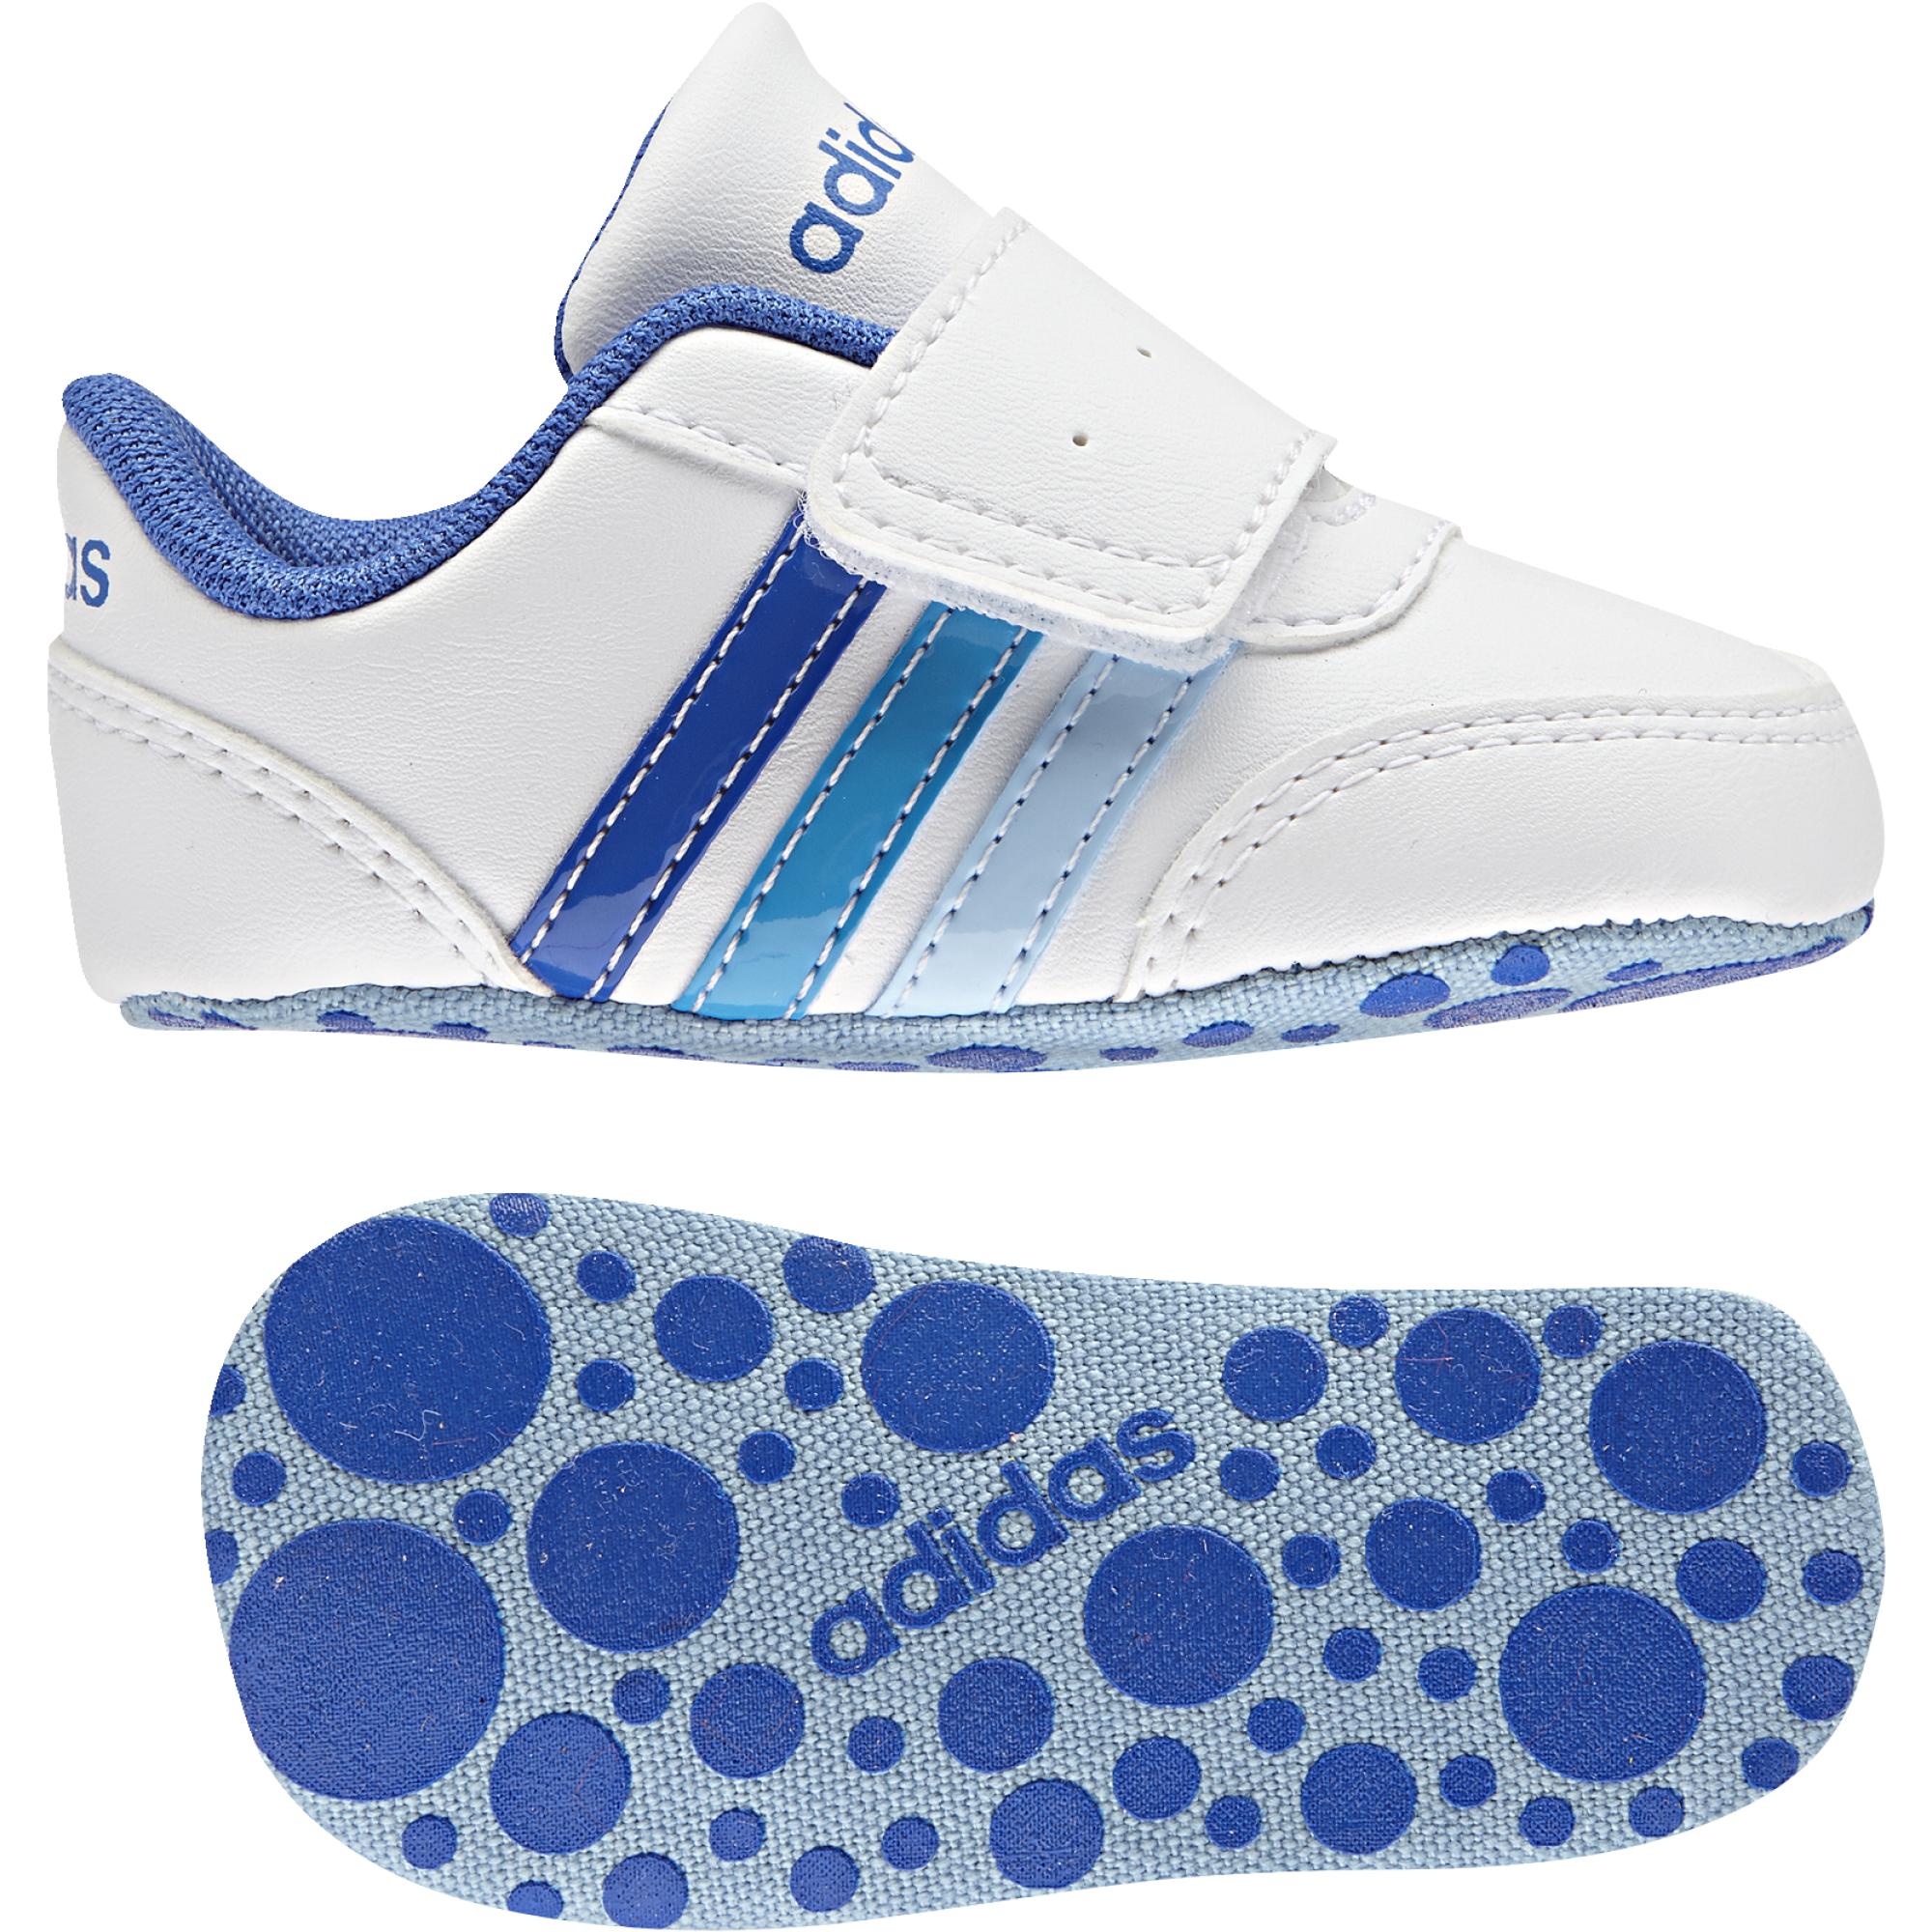 867a5c0c26c3 Adidas V Jog Crib bébi kocsicipő , Fiú Gyerek cipő | kocsicipő , adidas_neo  , Adidas V Jog Crib bébi kocsicipő